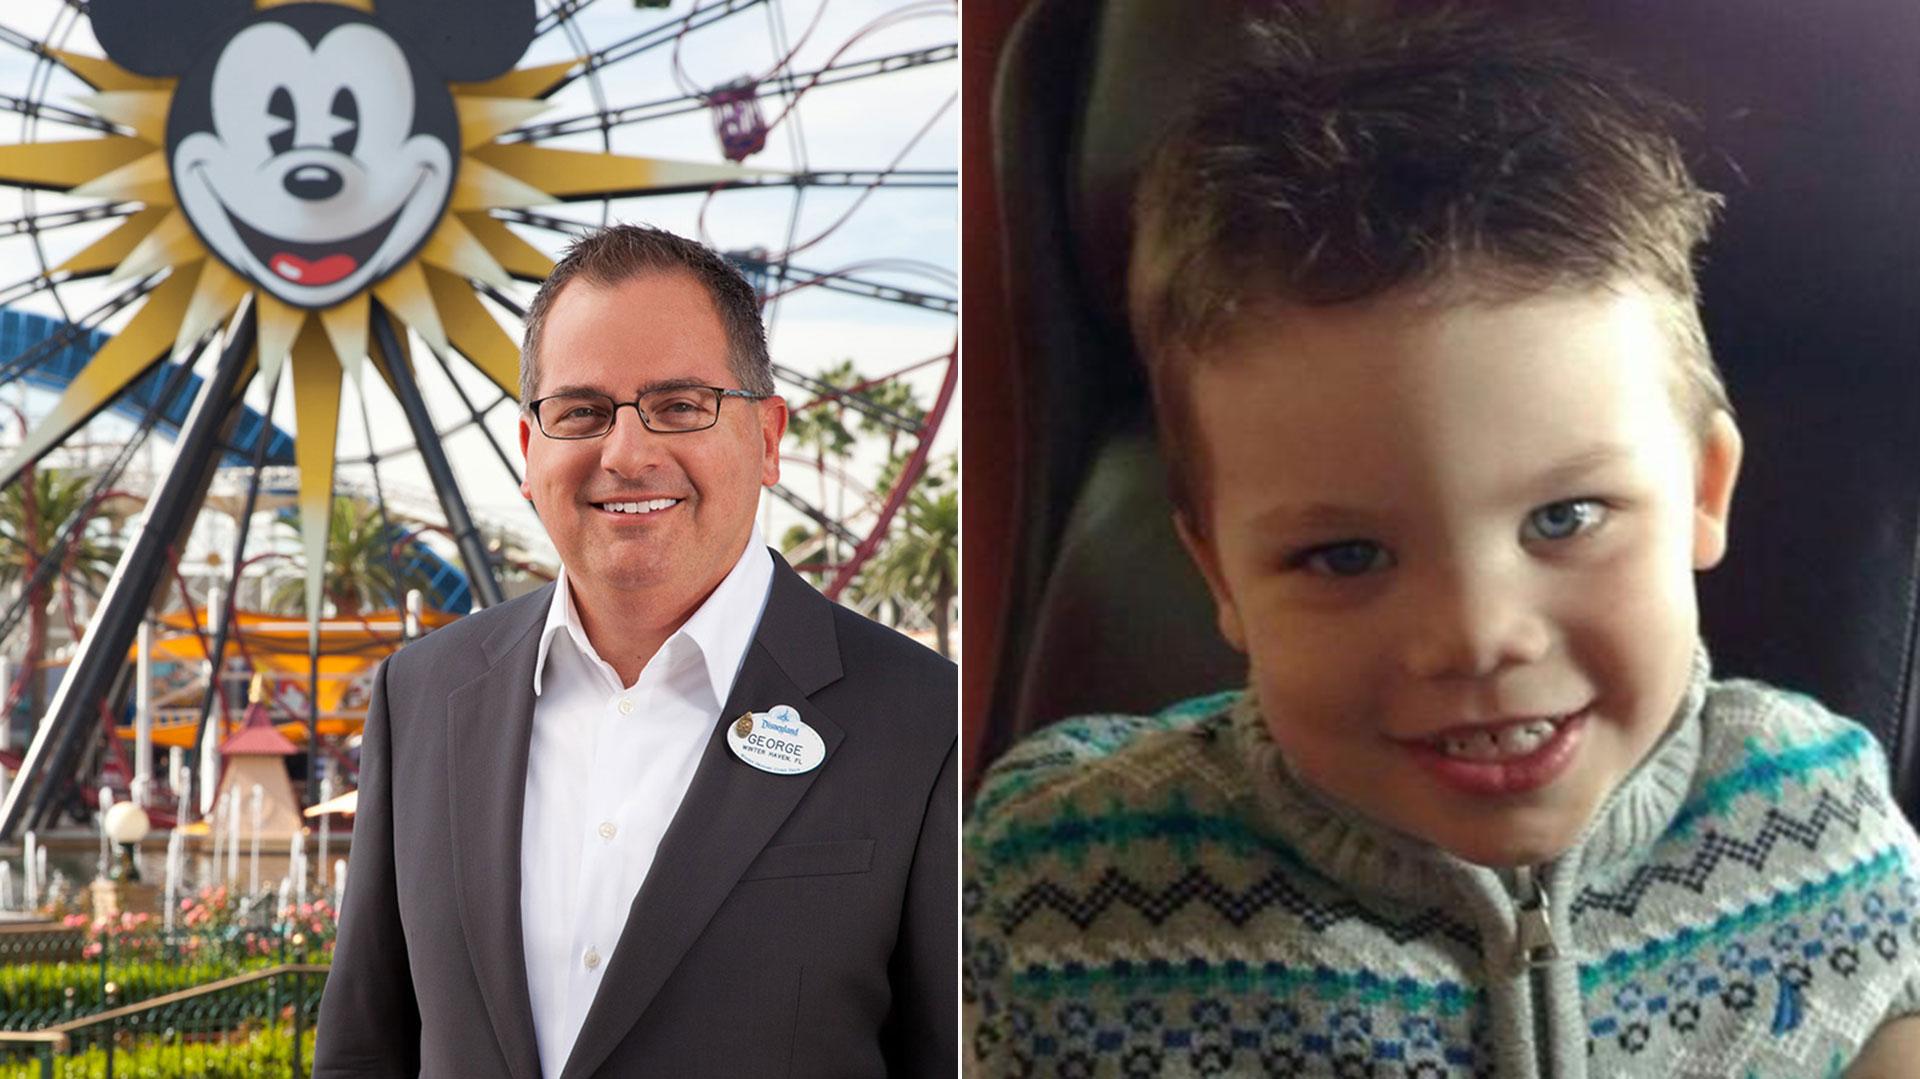 George A. Kalogridis, presidente de Walt Disney World y el pequeño Lane Grave, víctima de las laxas medidas de seguridad del complejo hotelero de Magic Kingdom